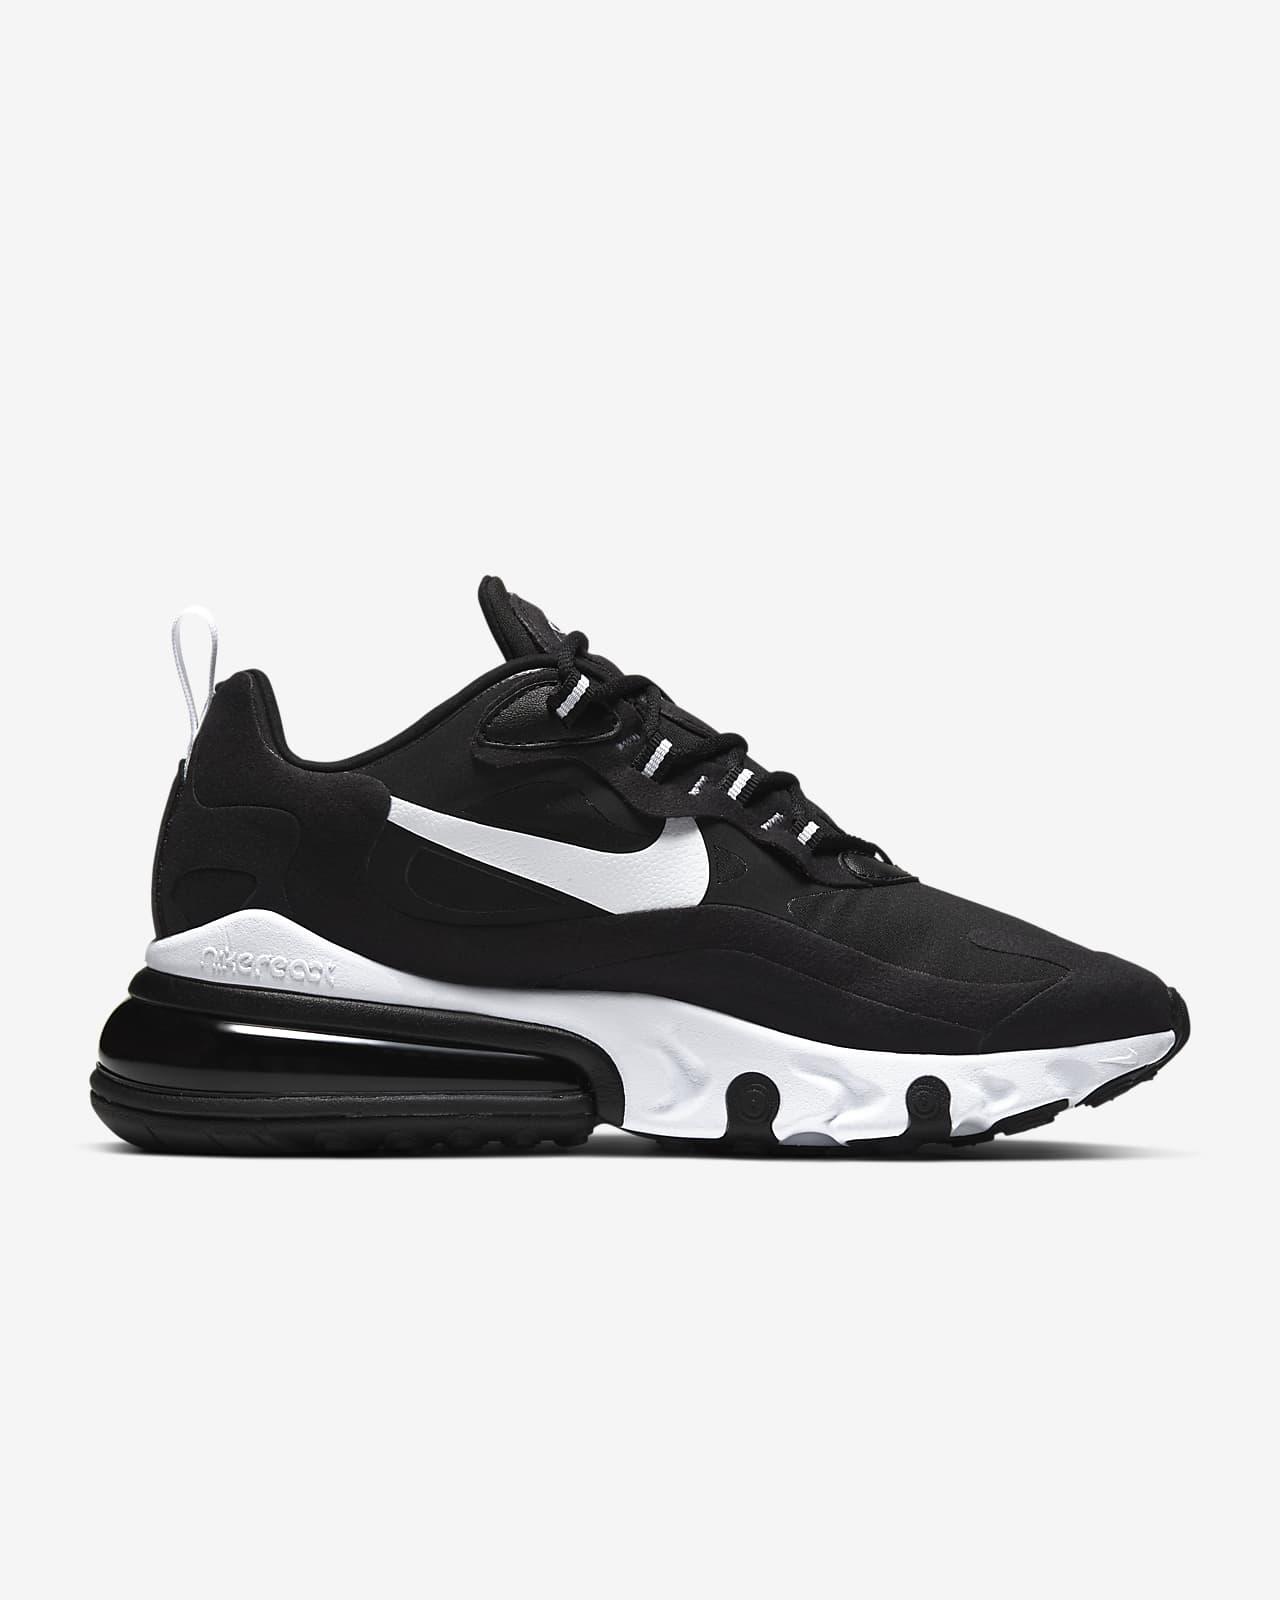 nike air max 270 gray and black